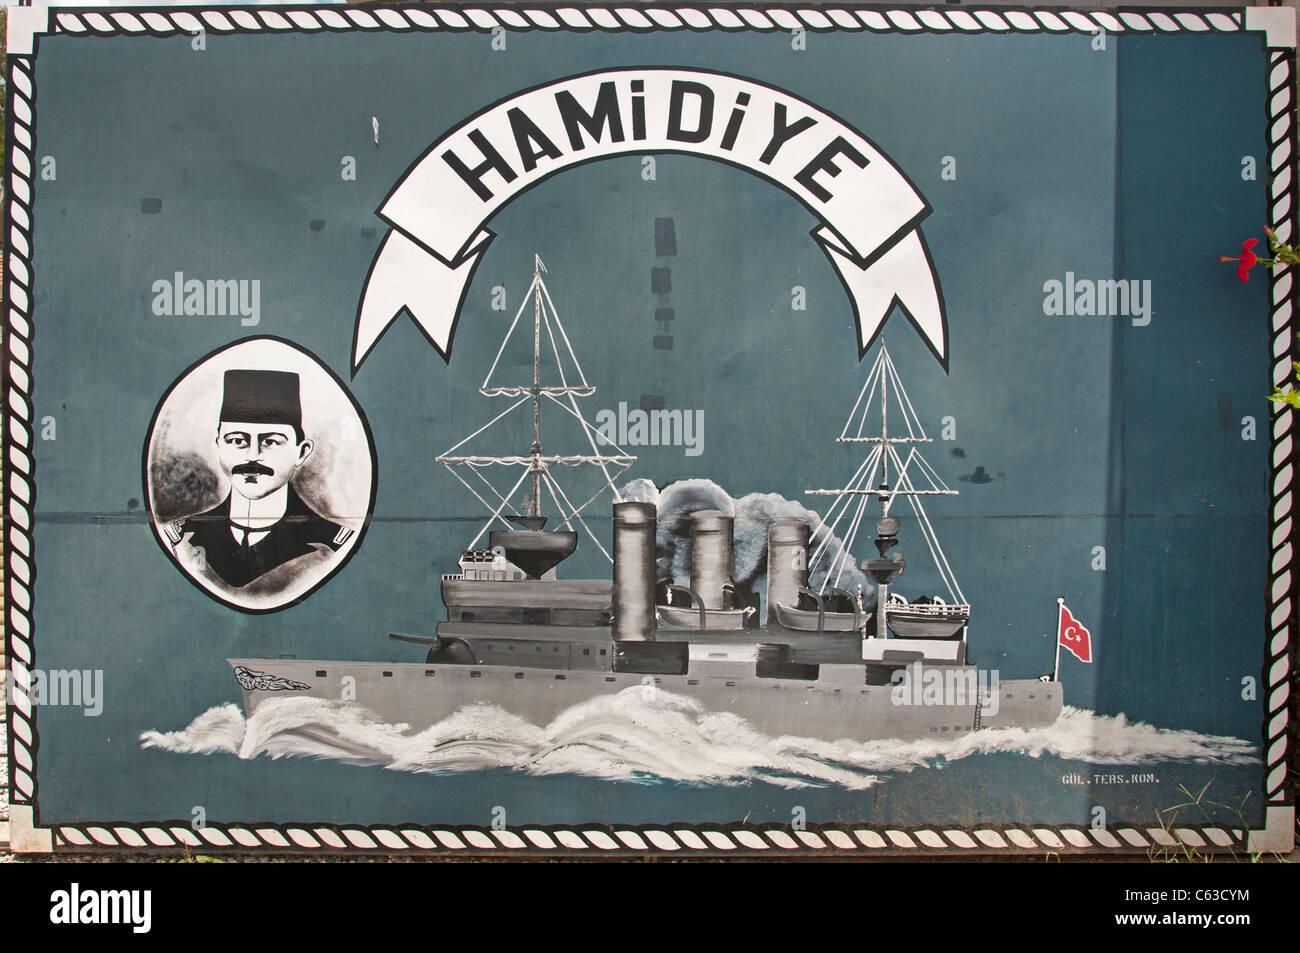 Turkish Ottoman cruiser Hamidiye warship Balkan wars World War I - Stock Image